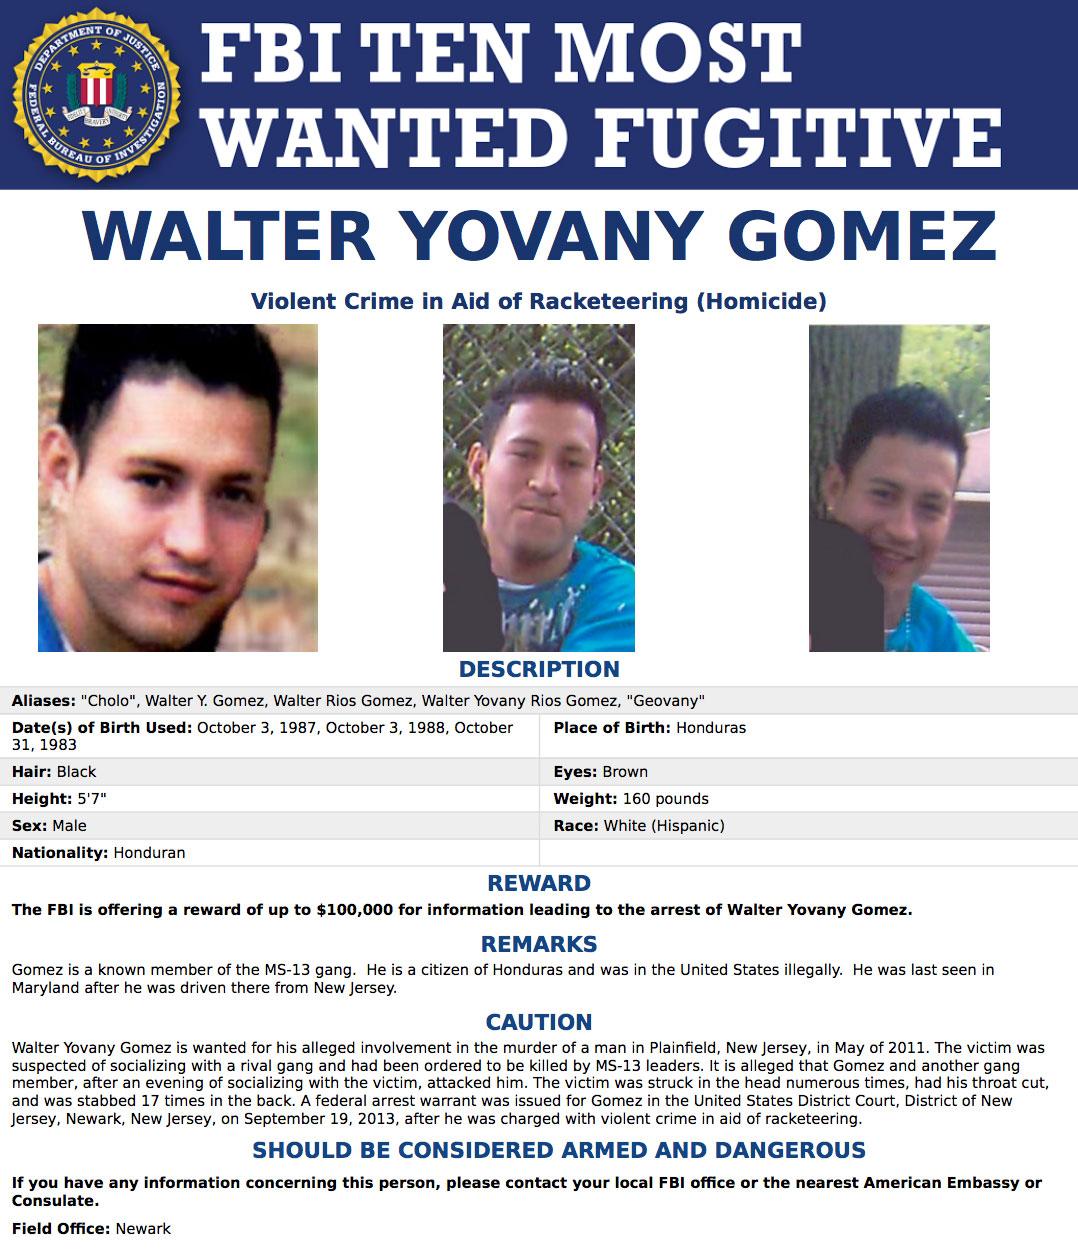 Walter-Yovany-Gomez-fbi